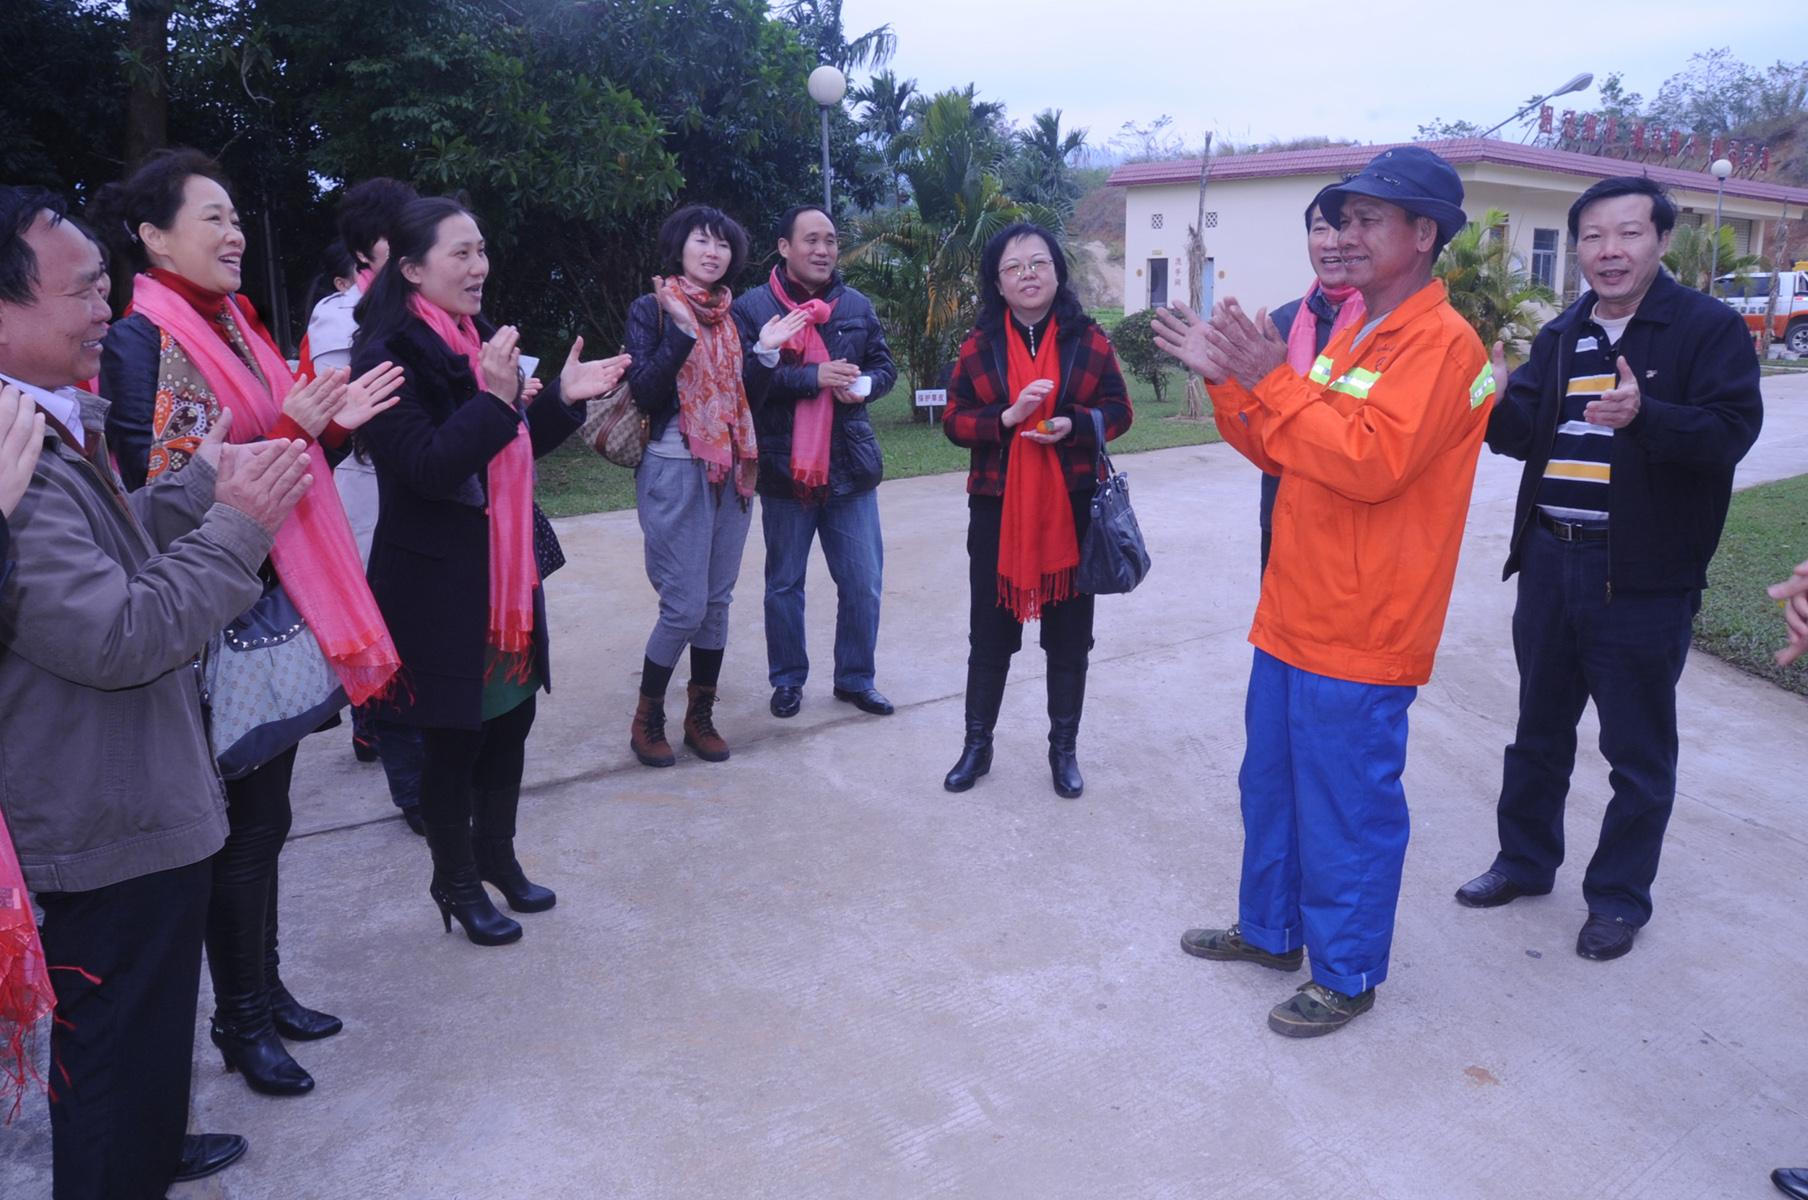 省直机关宣讲团文化传播志愿者赴毛阳,儋州宣讲慰问掠影